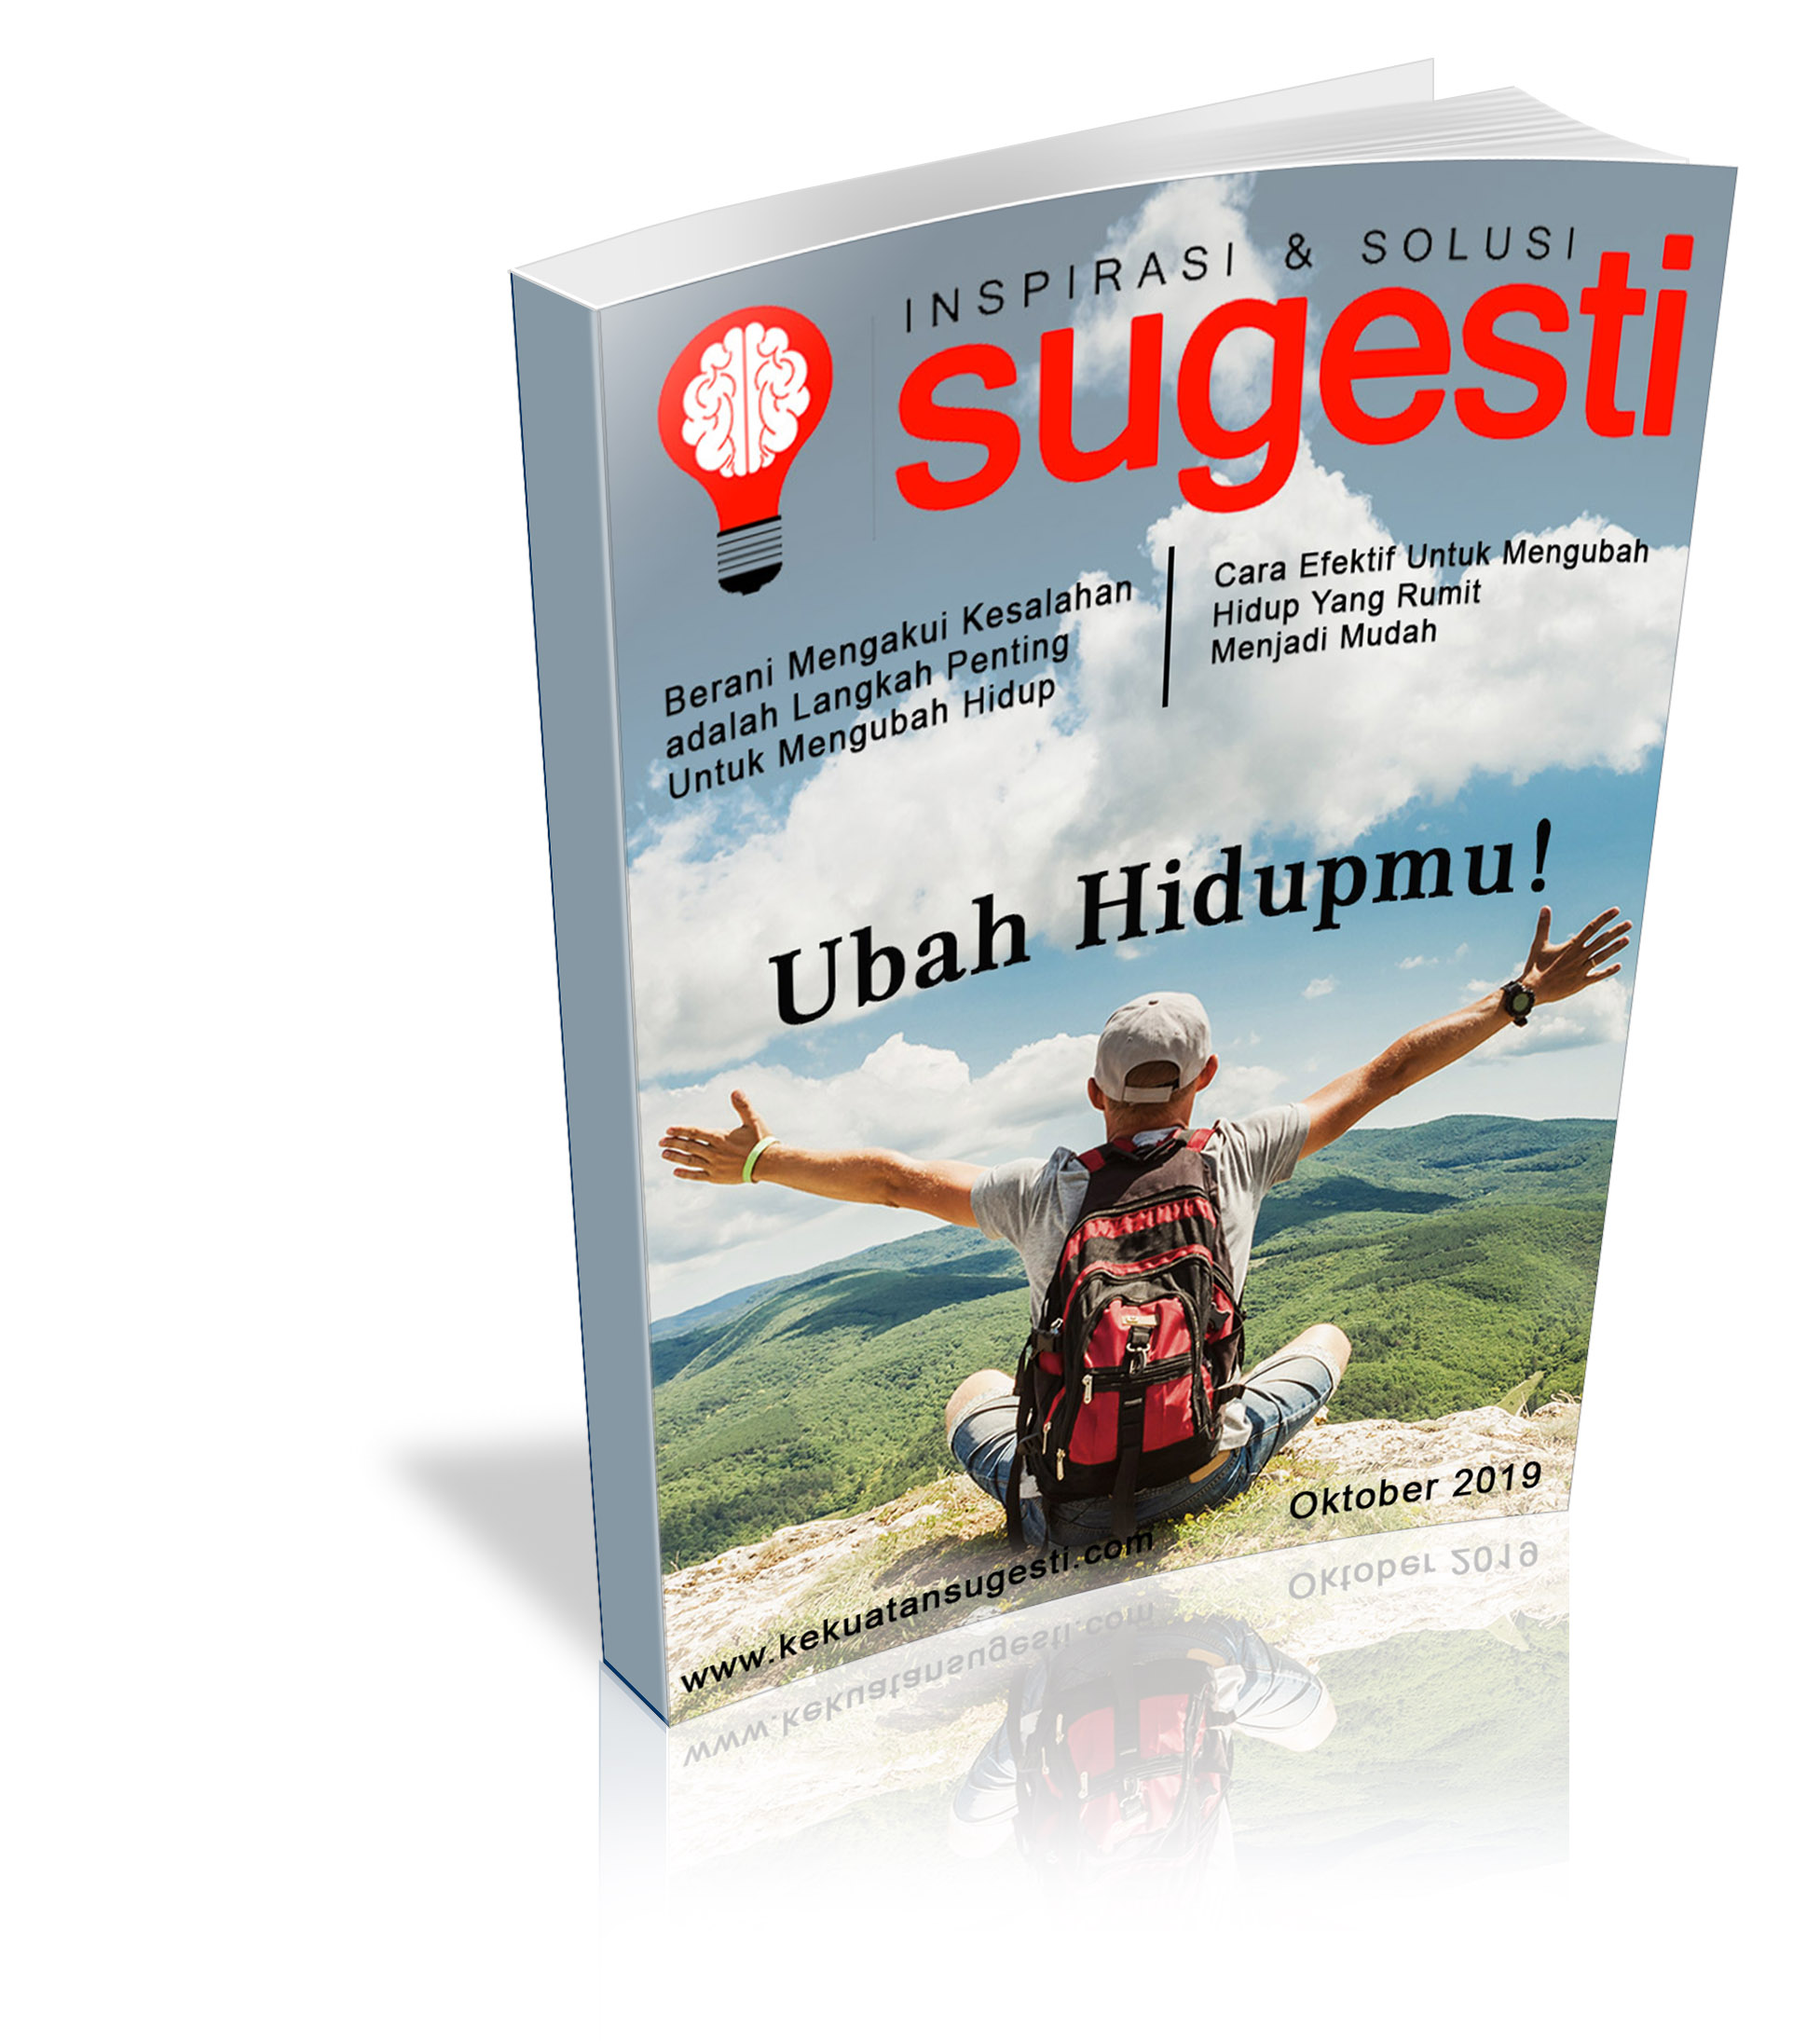 Majalah Sugesti Edisi Keenampuluh Empat  bulan Oktober 2019